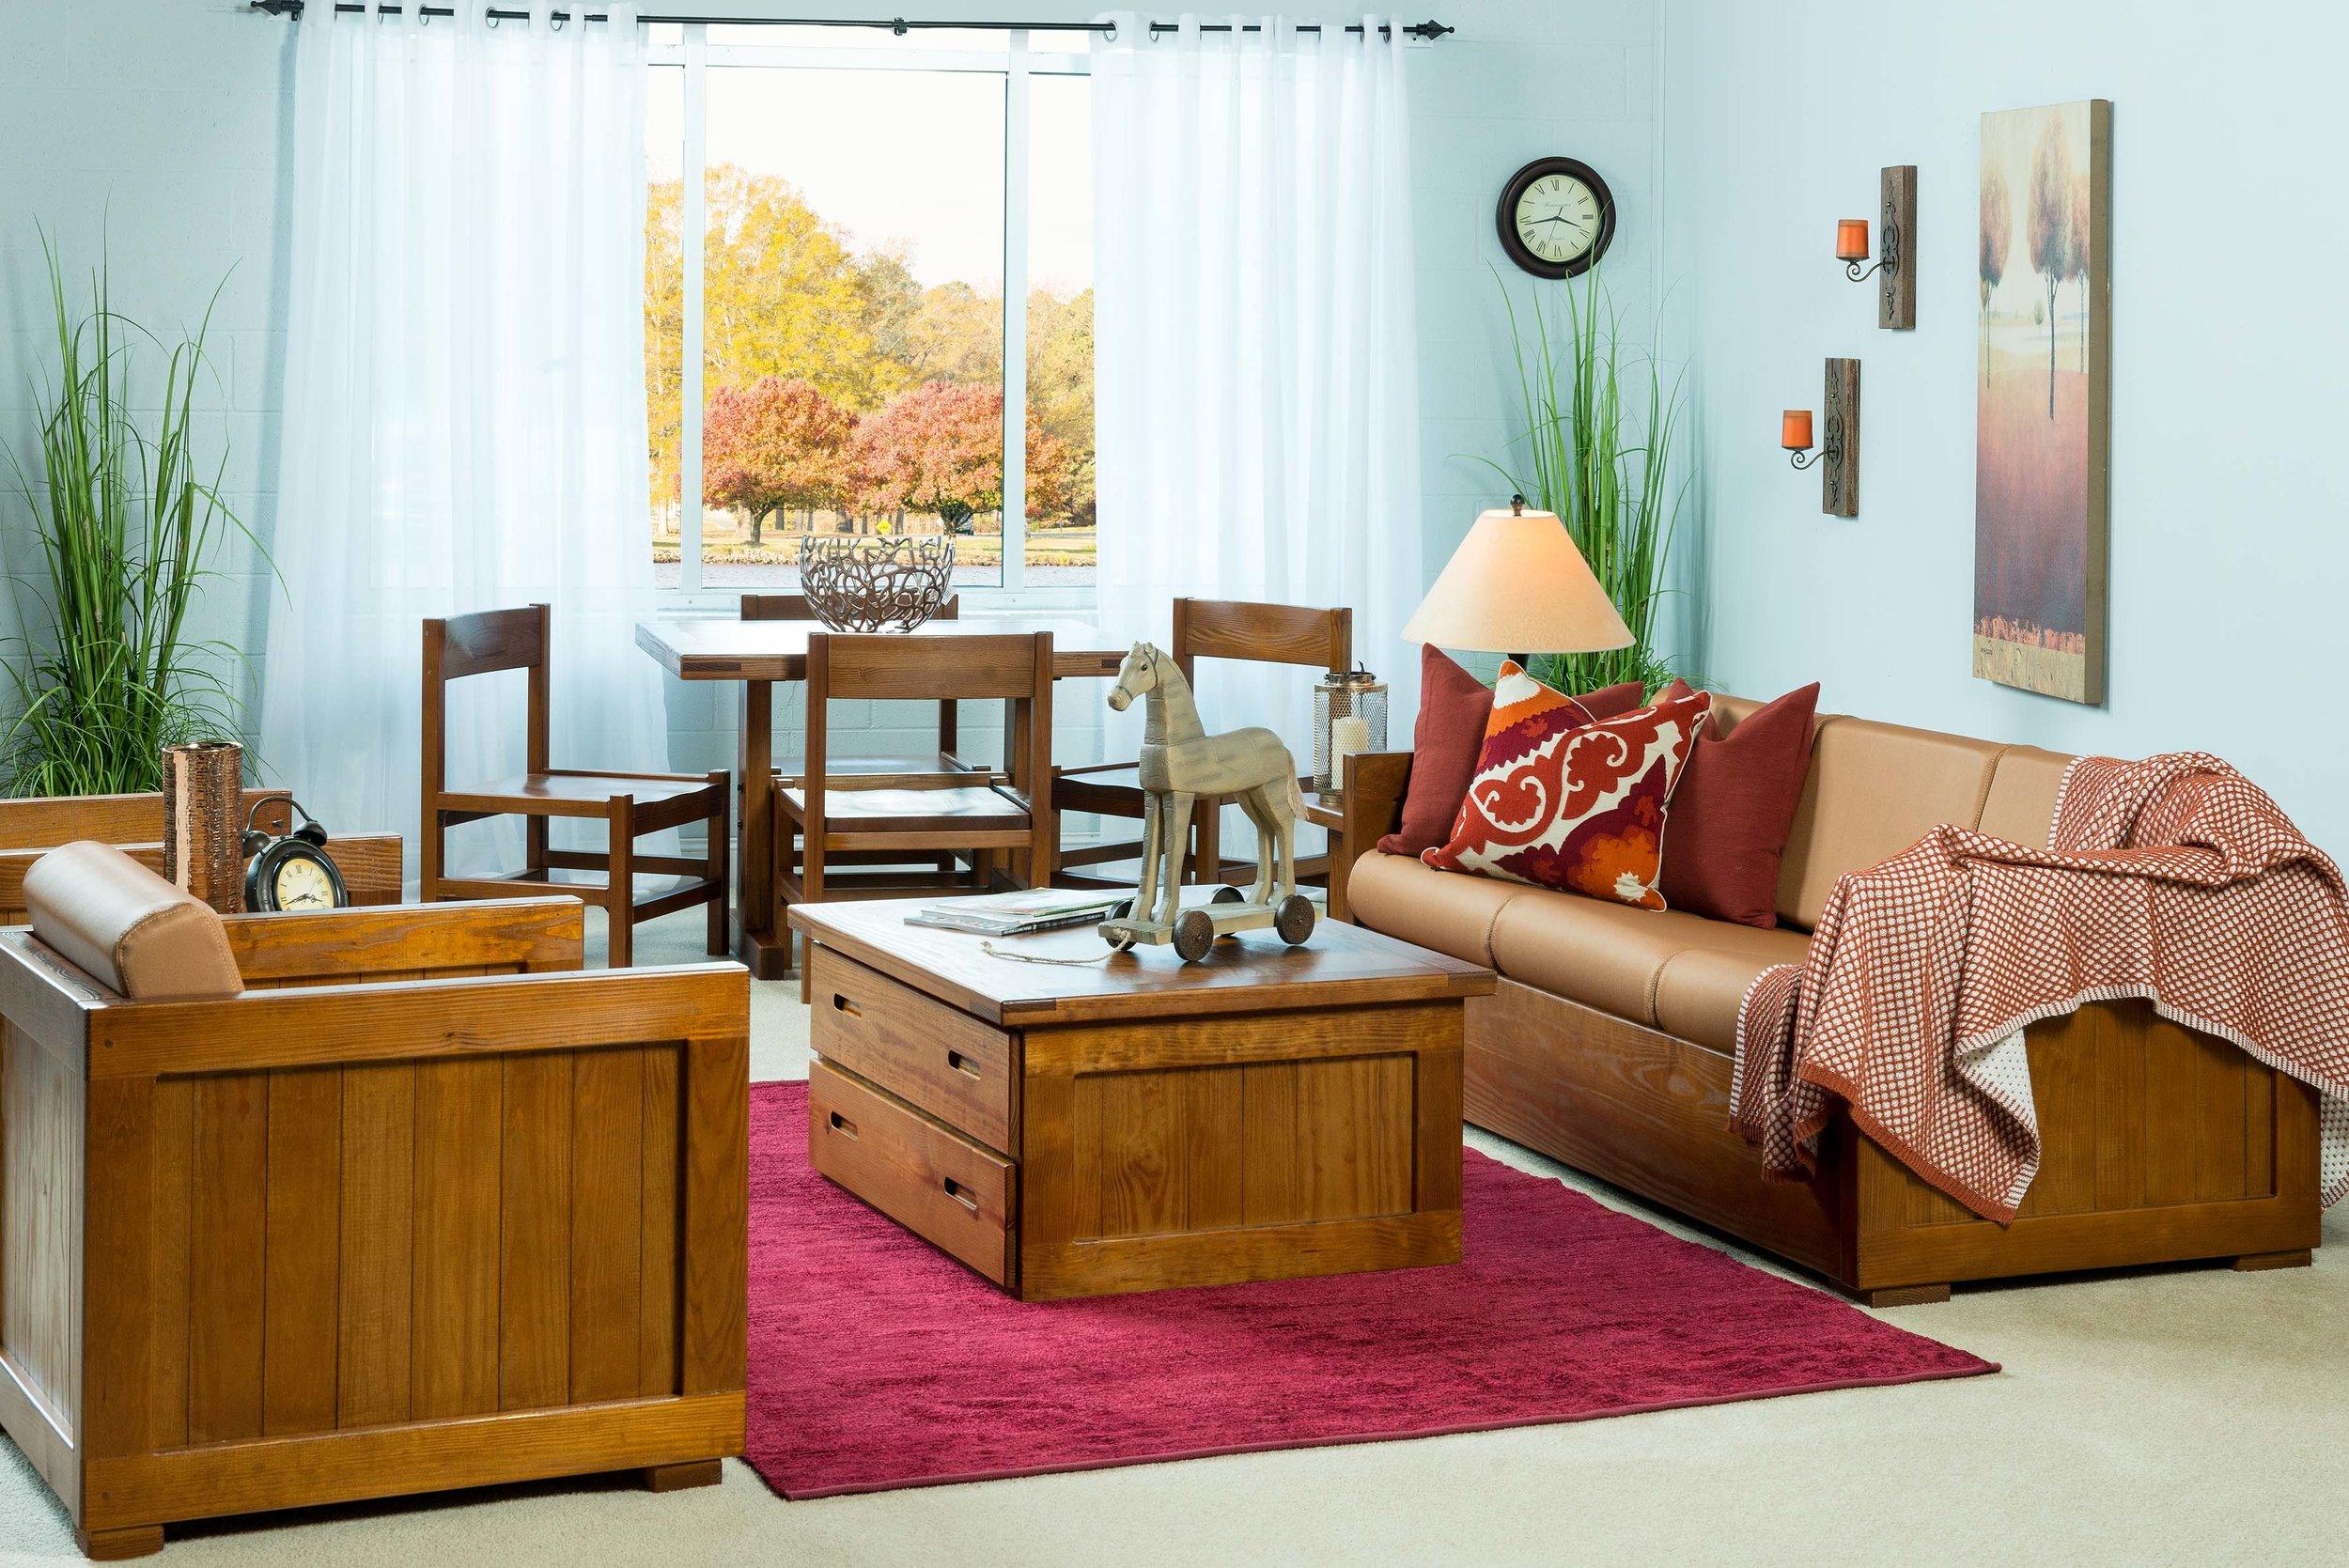 Classic Line FUrniture in Cherry